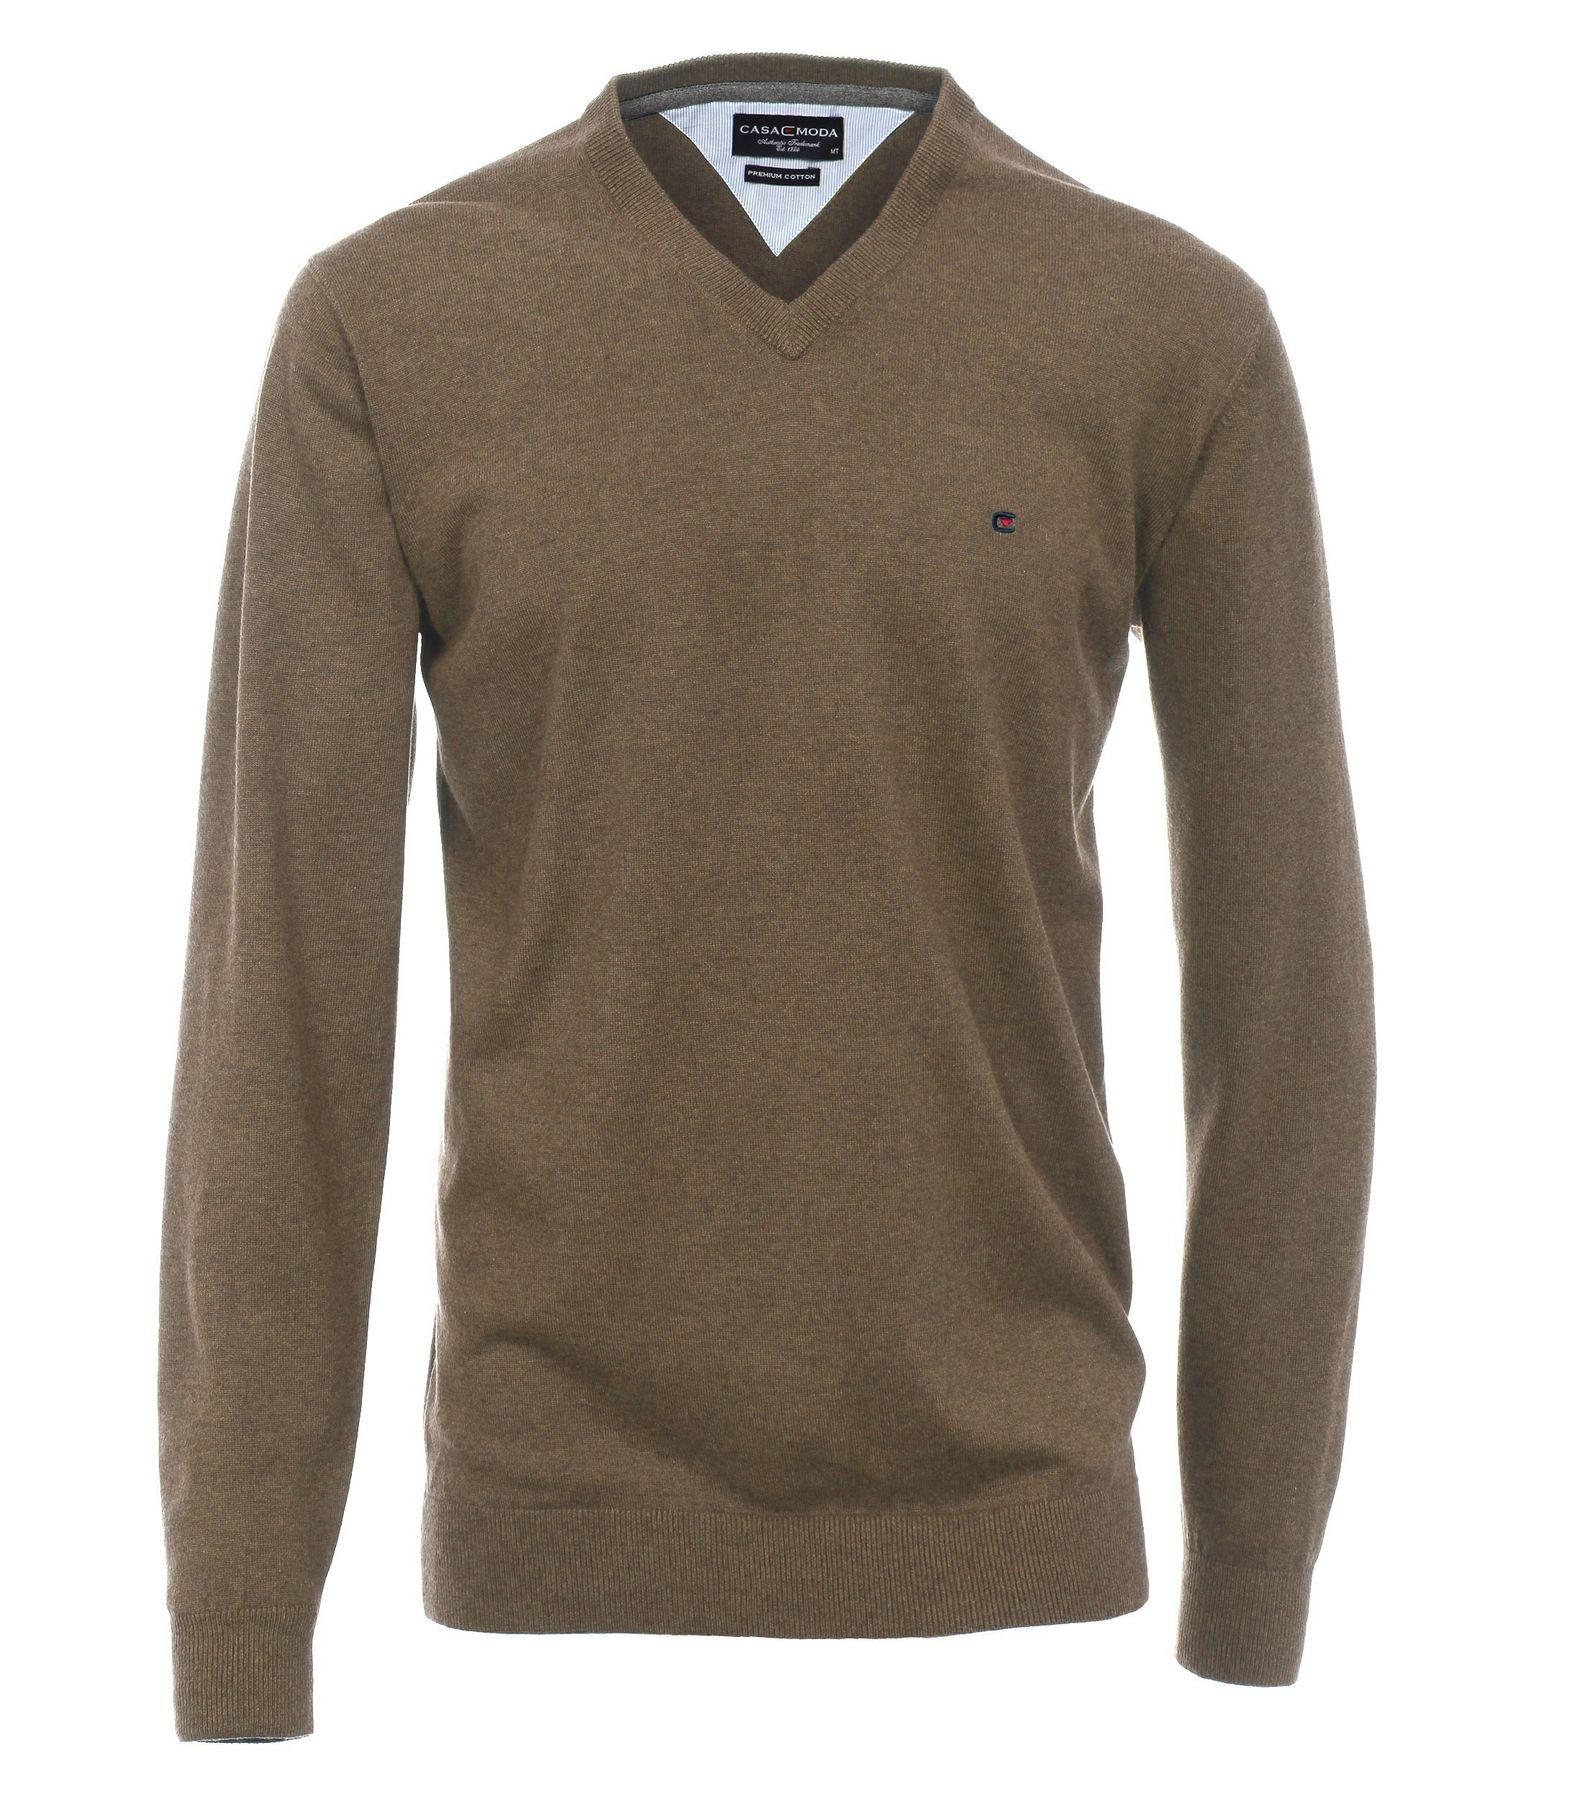 Casa Moda - Herren Pullover mit extra langem Arm (72 cm) und V-Ausschnitt in verschiedenen Farben (401300202) – Bild 13